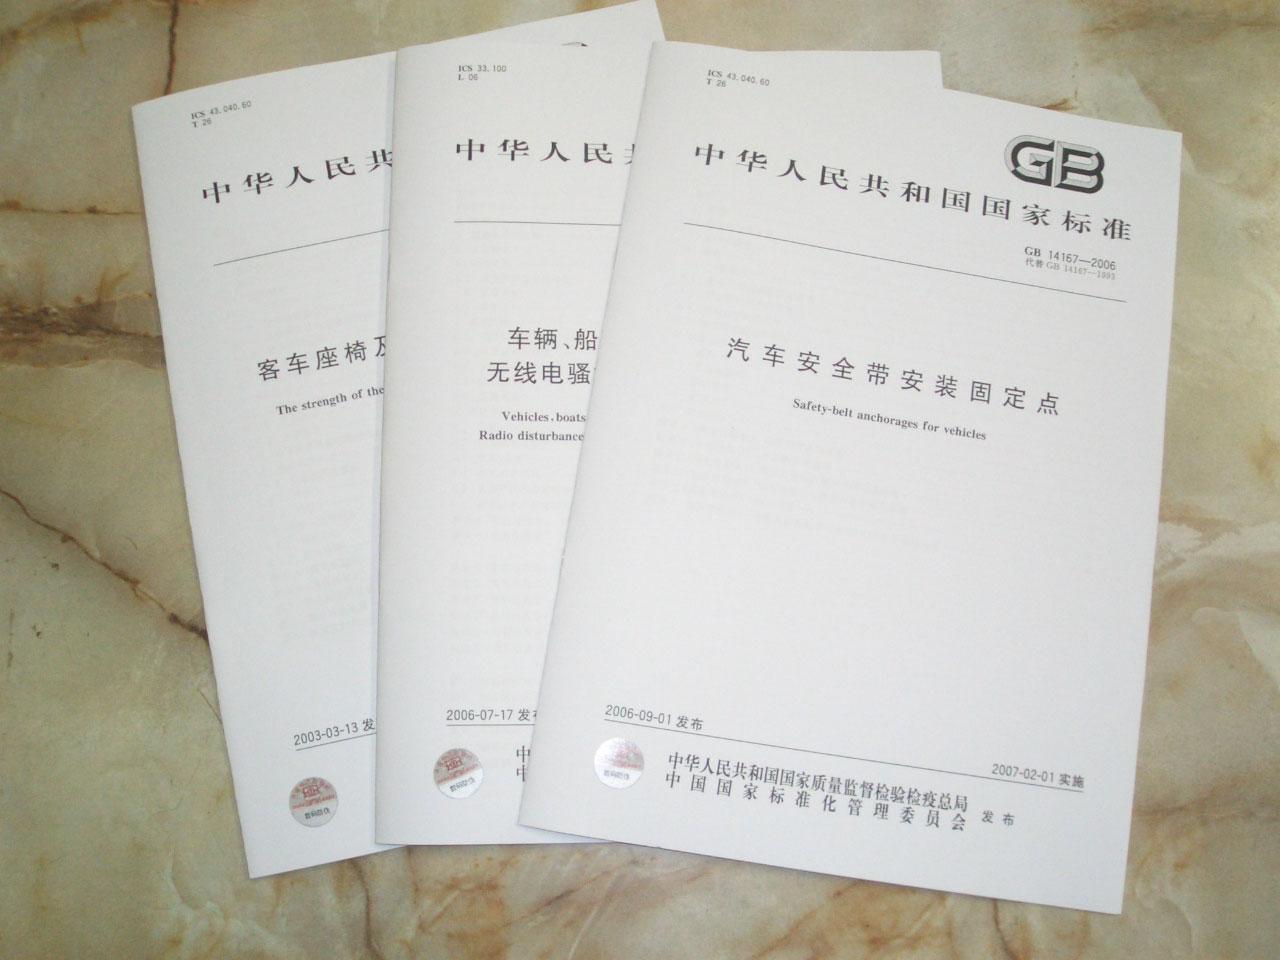 中国標準: 『中華人民共和国標準化法』規定基、中国標準(規格)国家標準(GB)、業界標準、地方標準企業標準4種類分。GB国家標準中国語読「Guojia Biaozhun」頭文字。全国規模統一必要技術条件対国家標準制定。、標準中強制性標準、推薦性標準(例、GB/T=推薦性国家標準)指導性技術文書(GB/Z)。多推薦性標準、健康、安全、環境保護、省、消費者利益保護